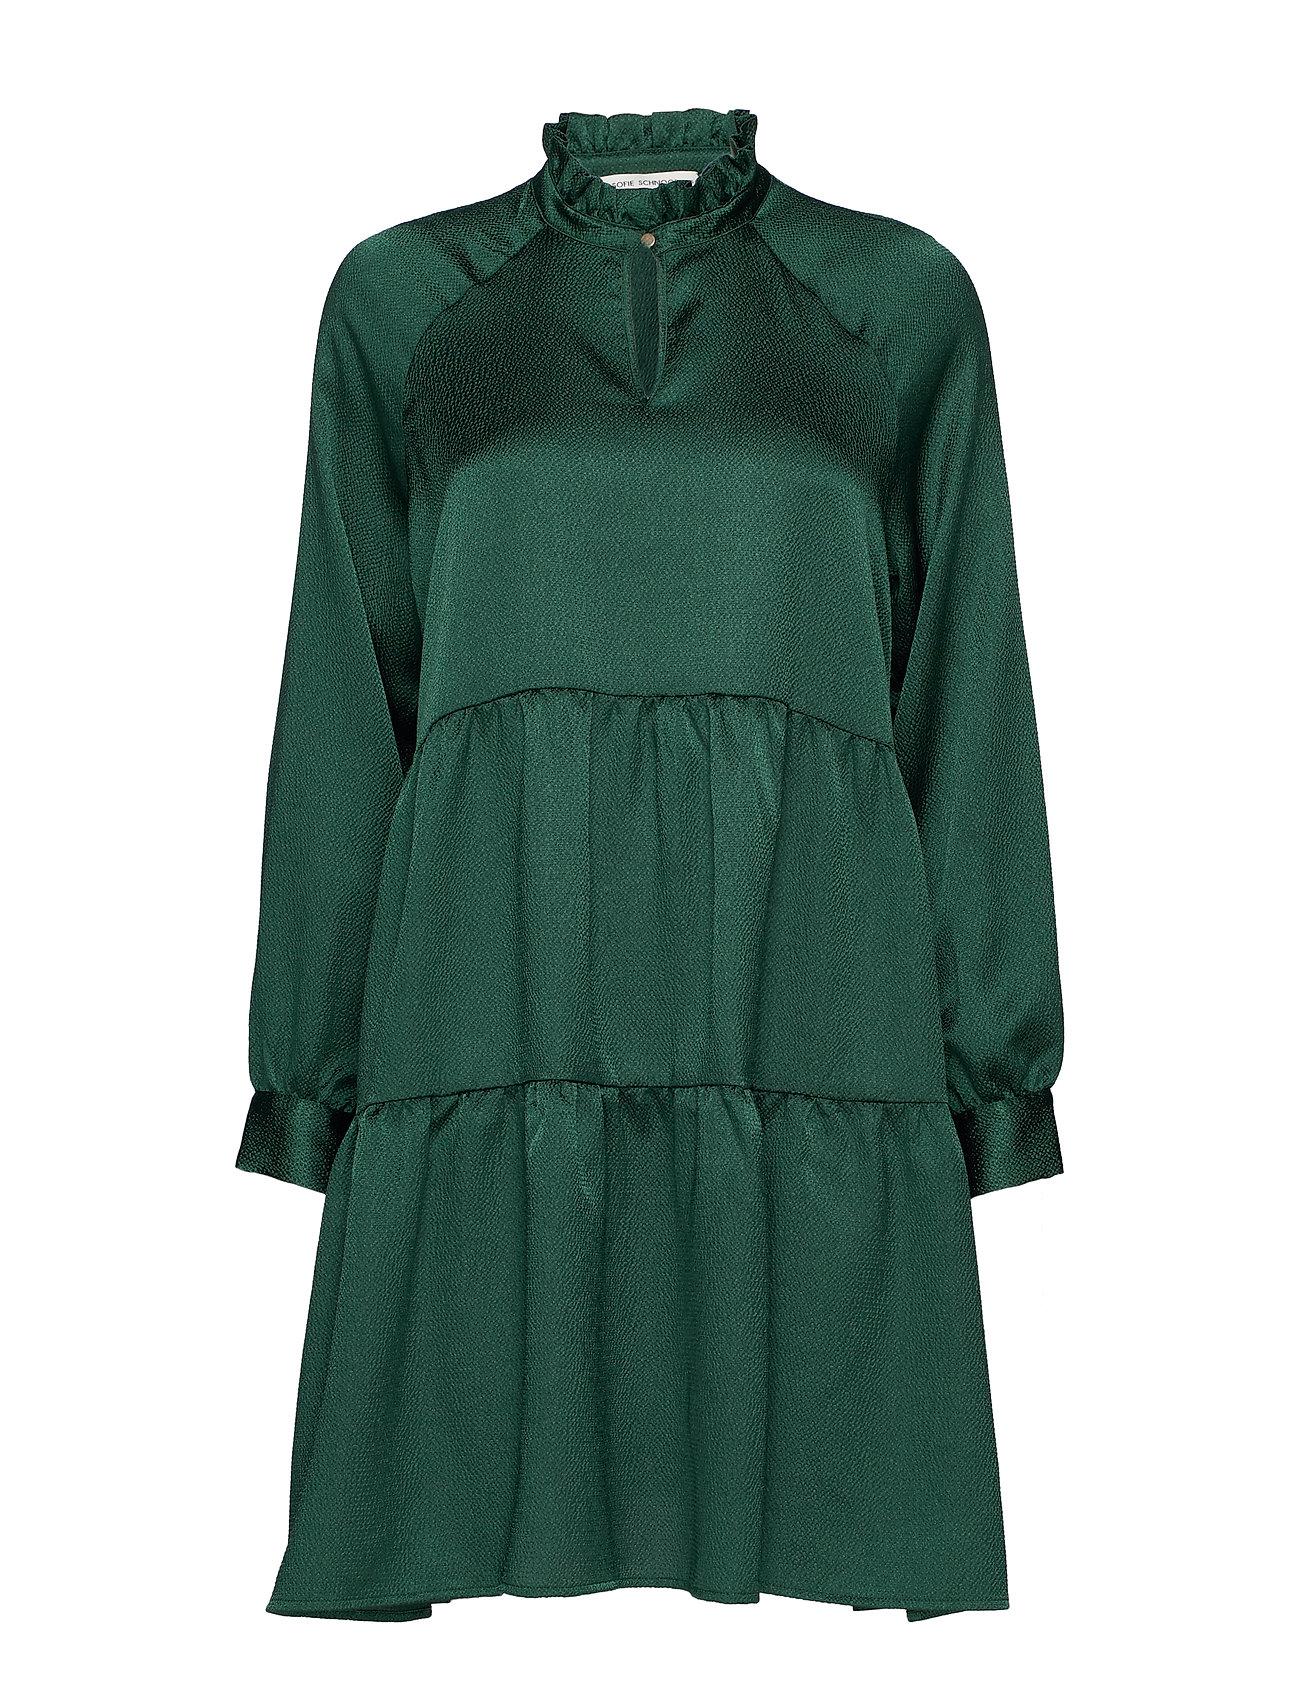 Sofie Schnoor Dress - DUSTY GREEN